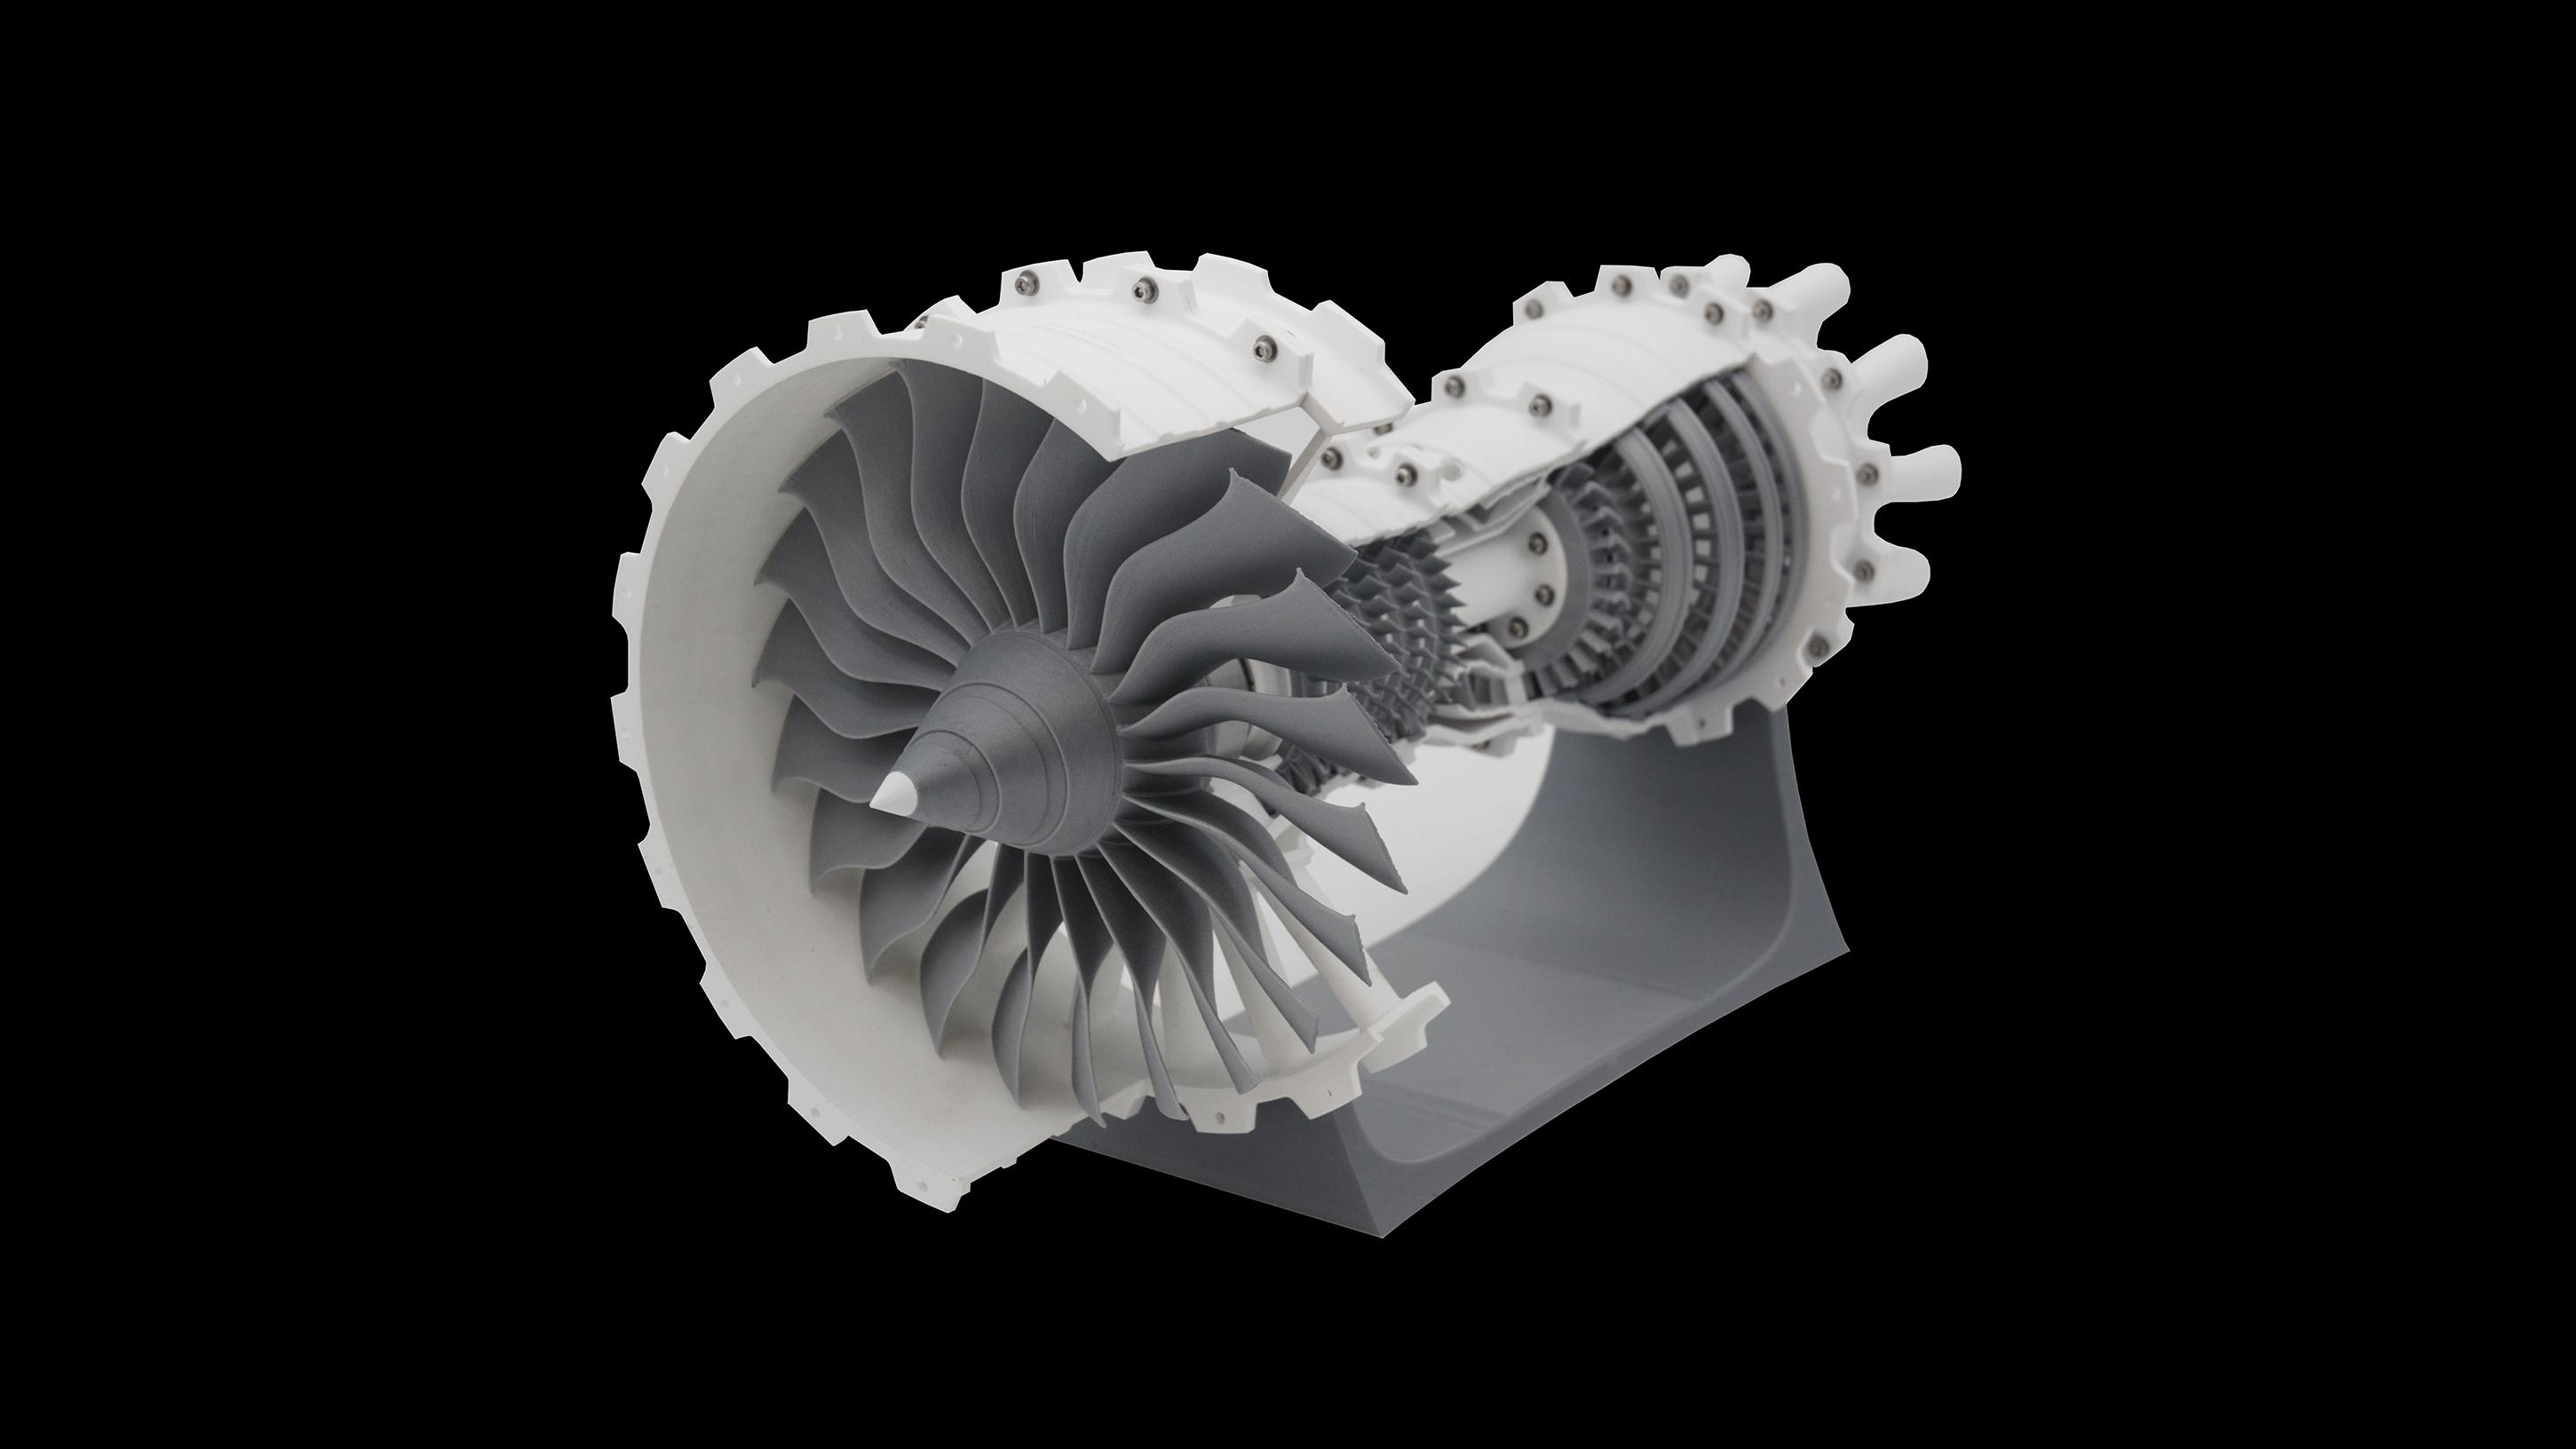 3D Modell einer Turbine mit 3D Druck hergestellt